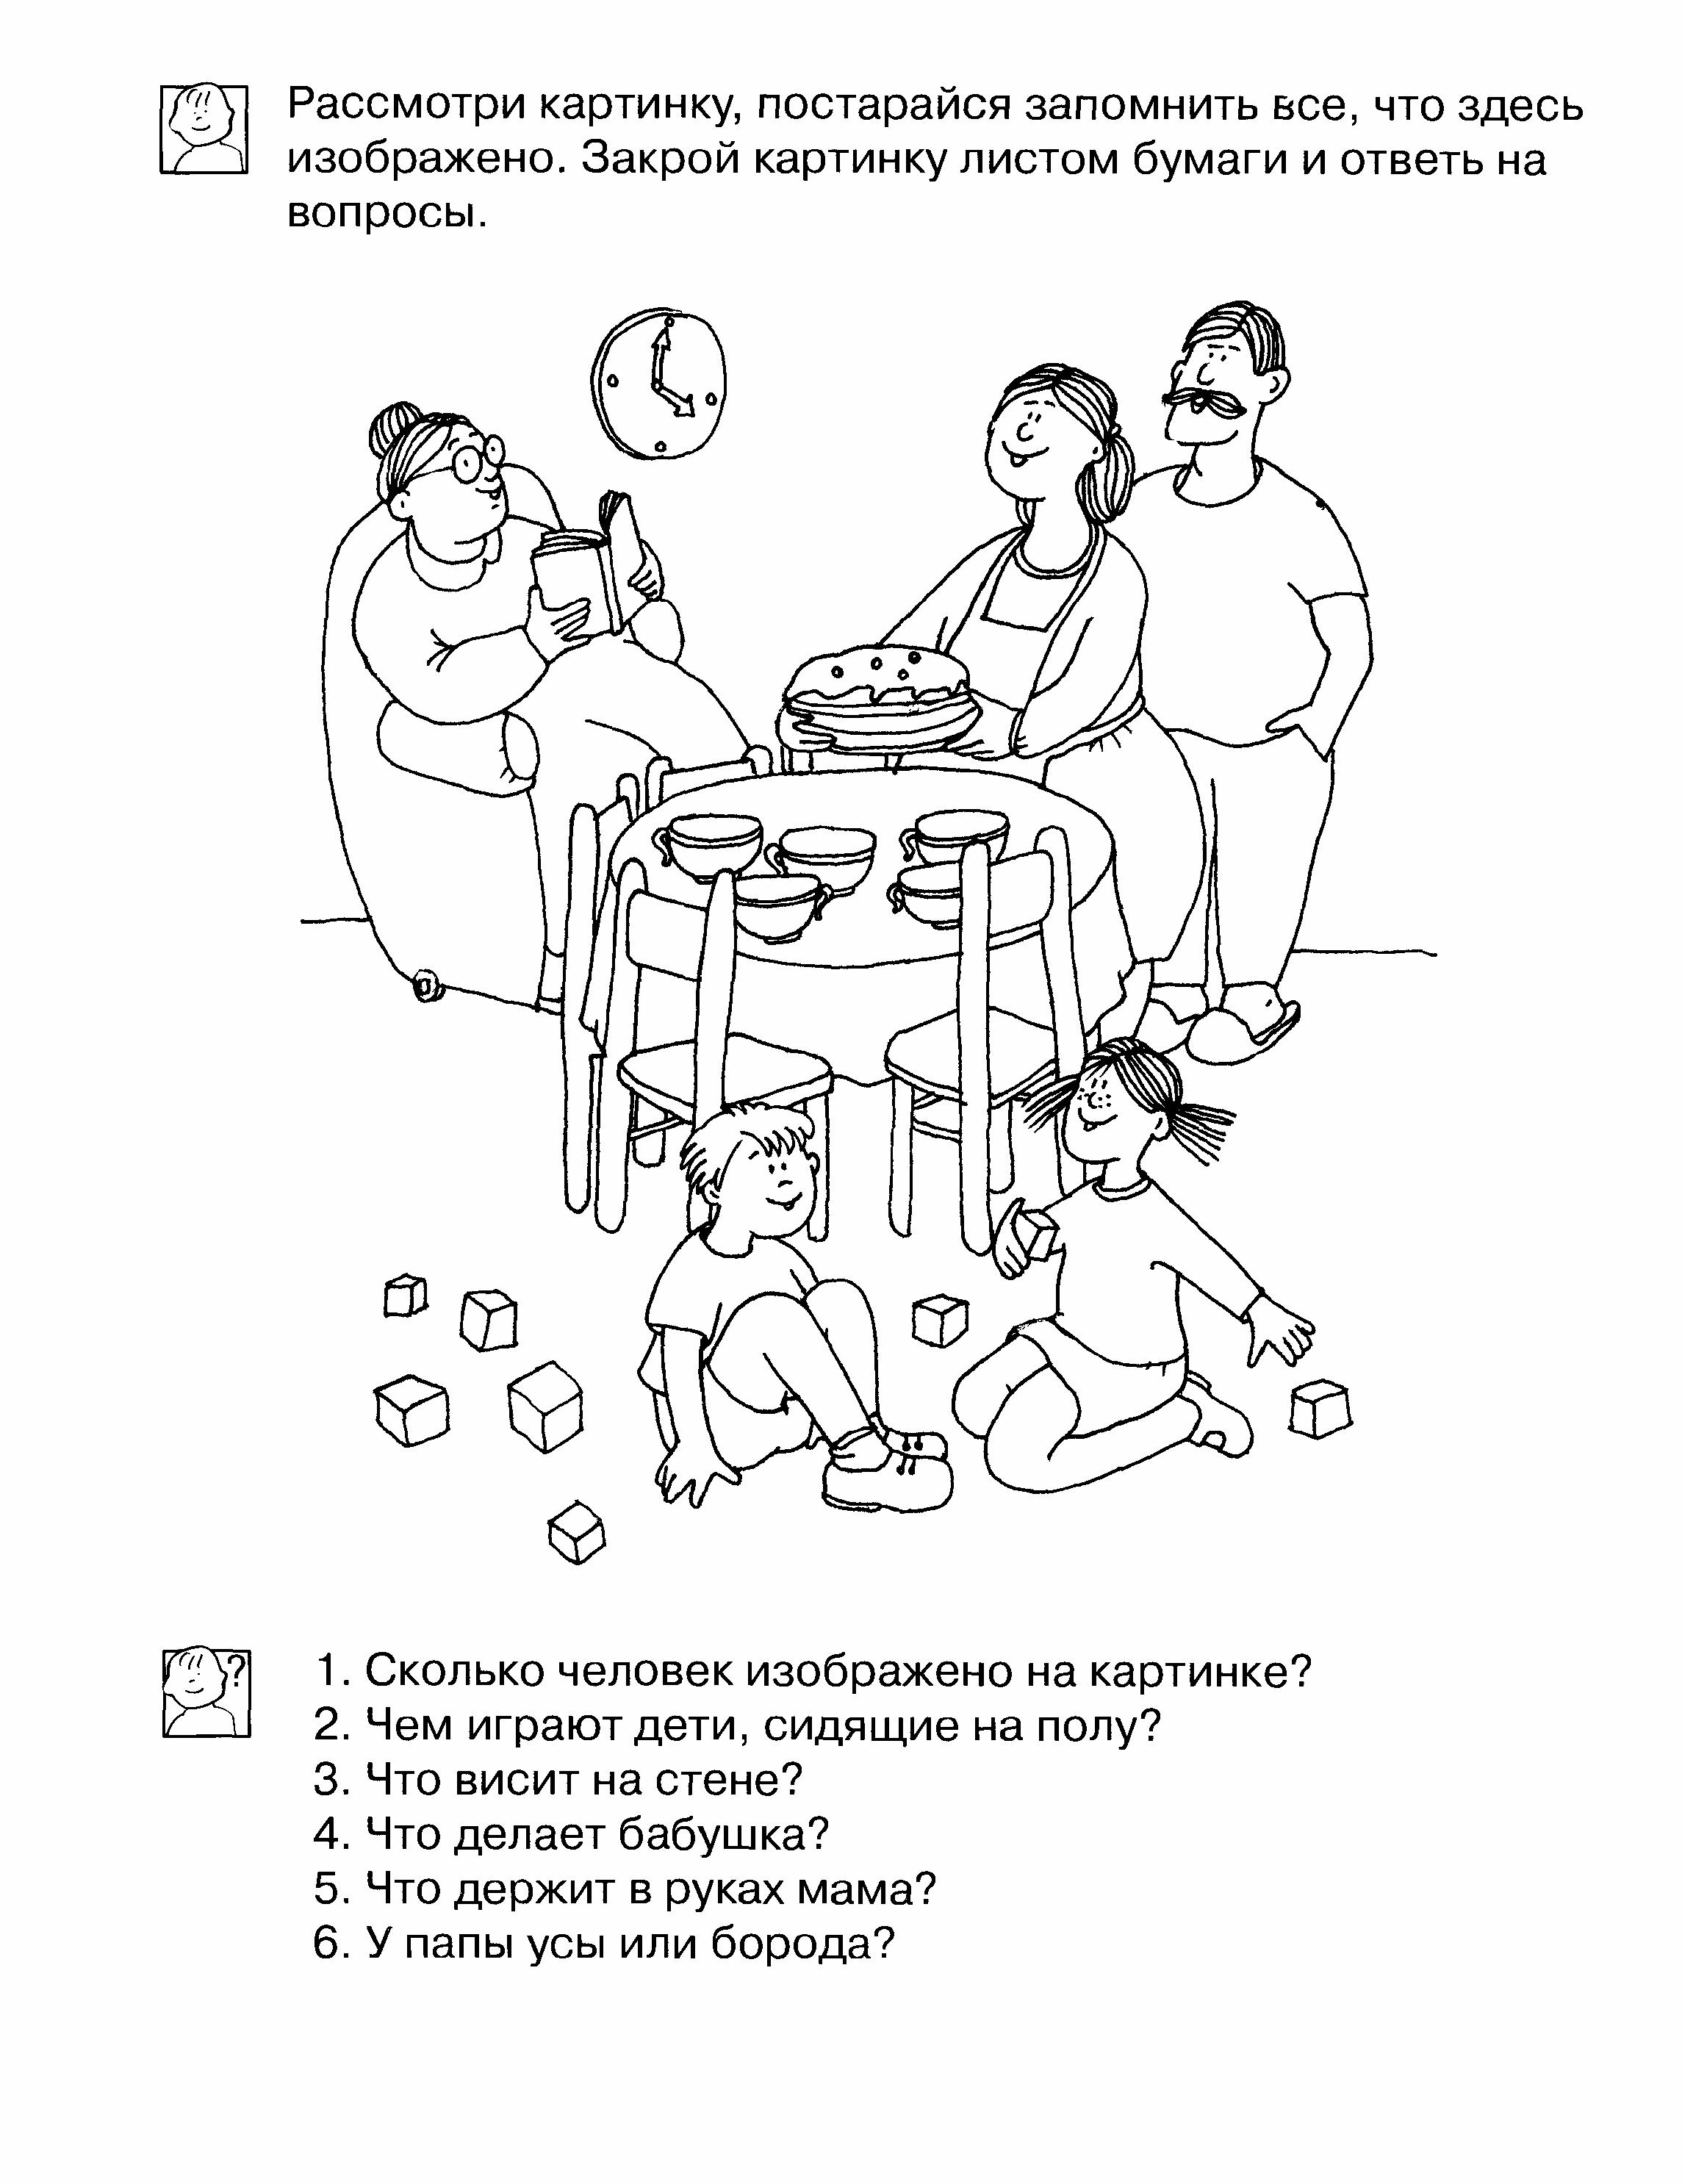 Задание с вопросами по картинке